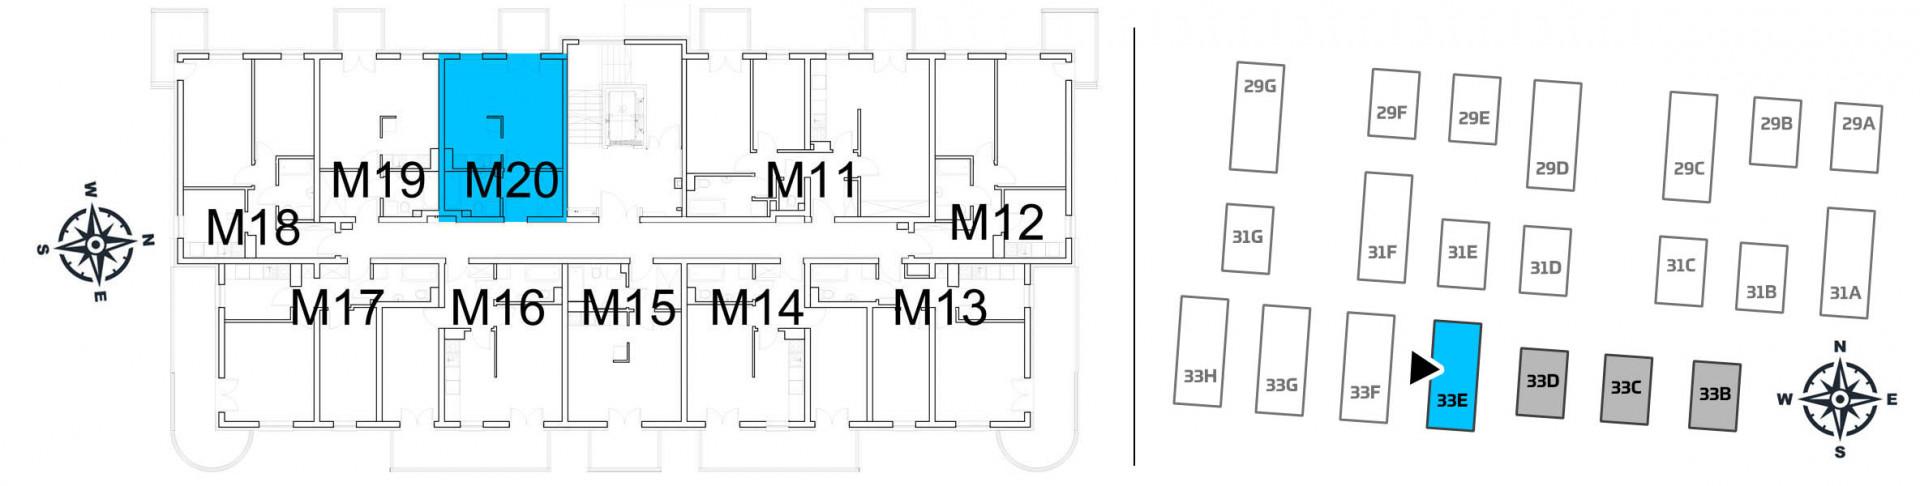 Mieszkanie jednopokojowe 33E/20 rzut 2